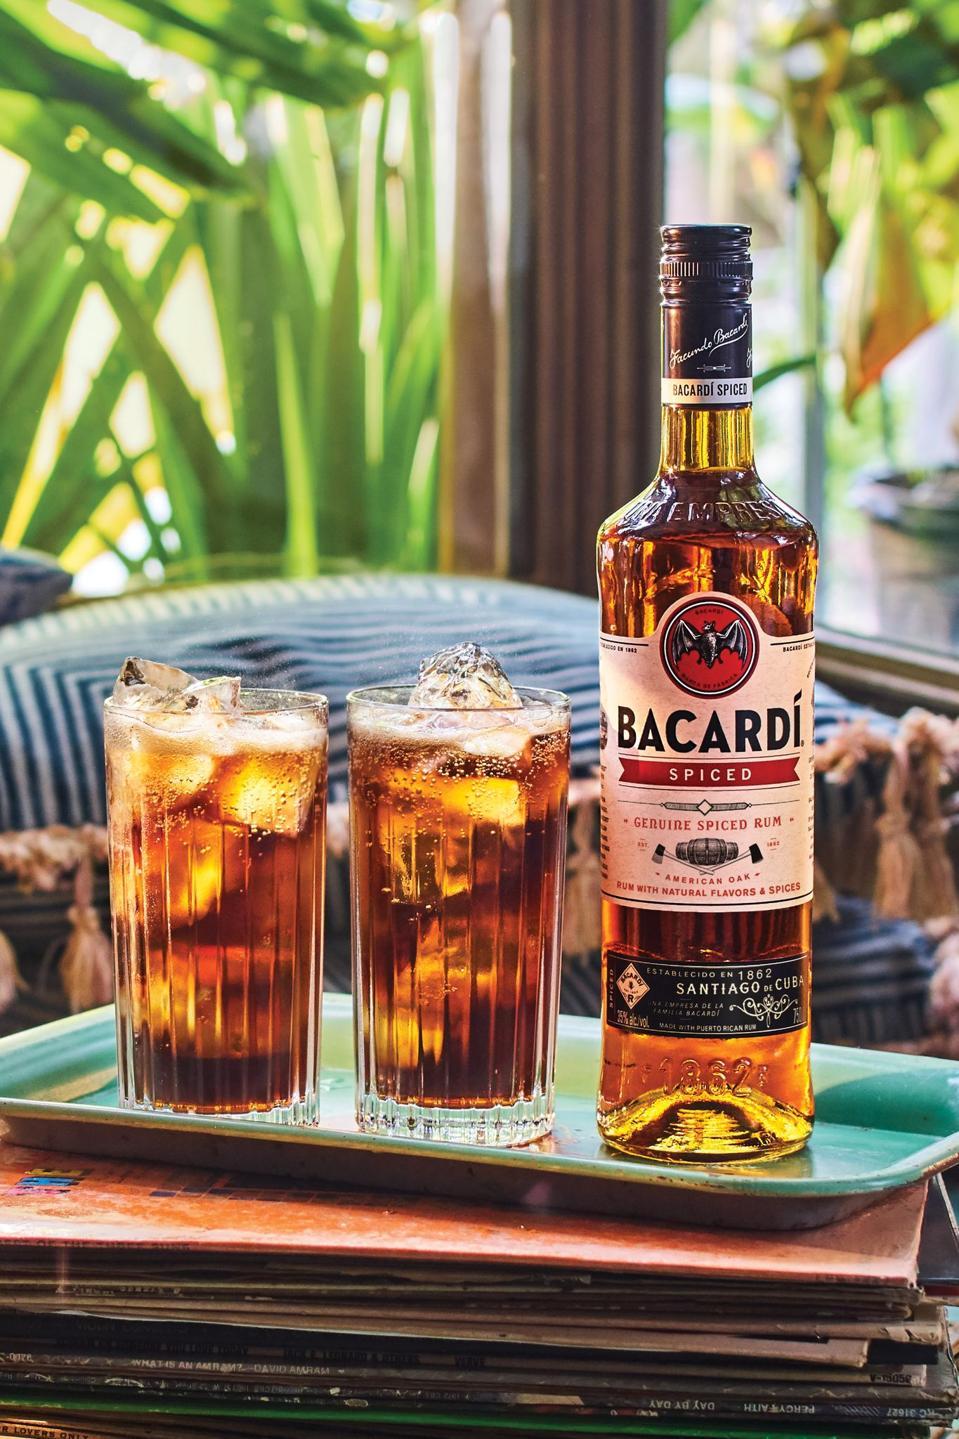 BACARDÍ now offers a spiced rum.